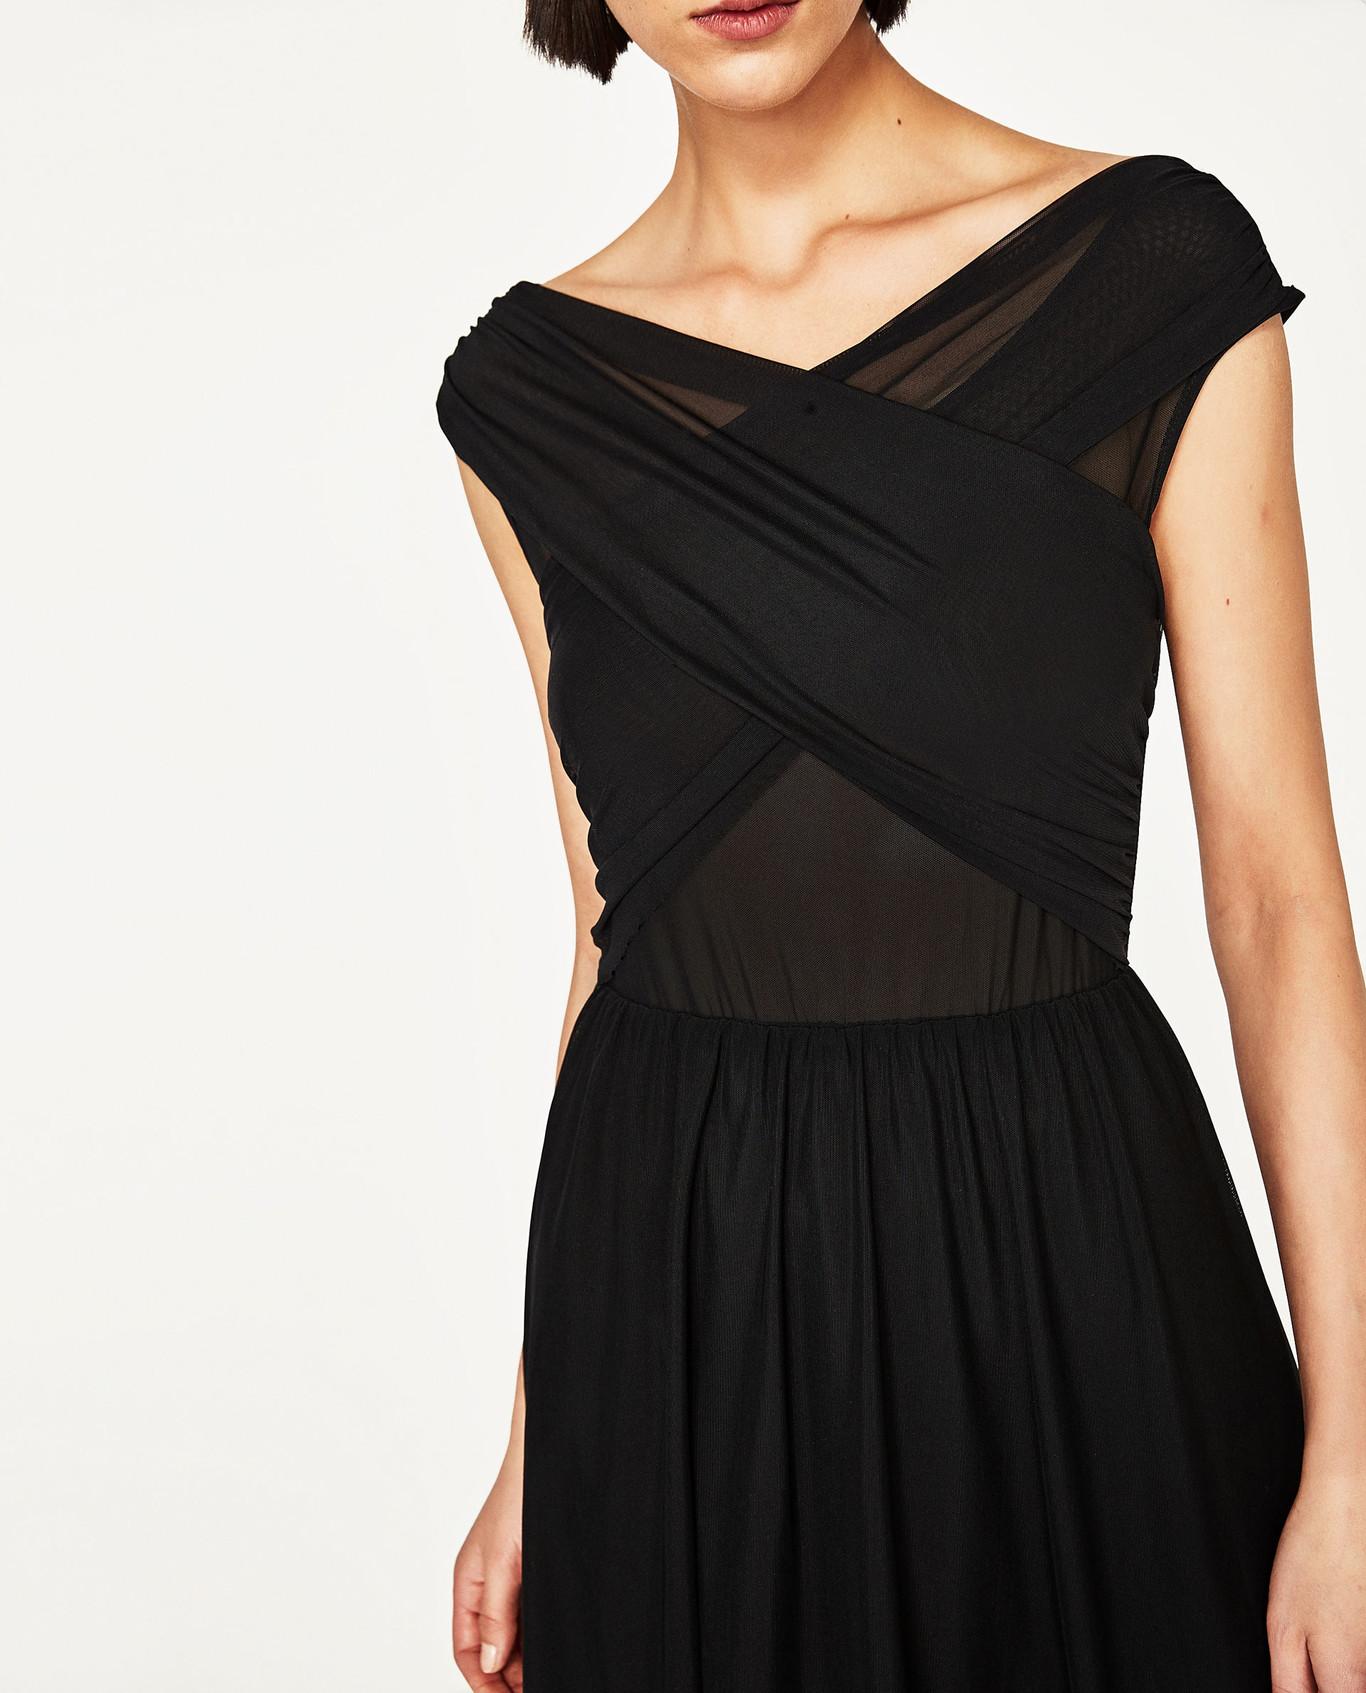 combina tacones negros de zara con vestido negro de